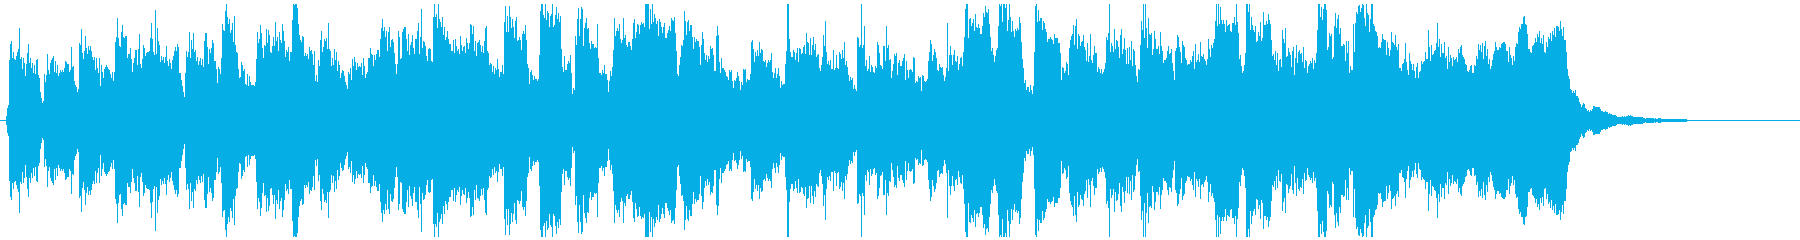 リコーダーへっぽこファンク15秒ジングルの再生済みの波形